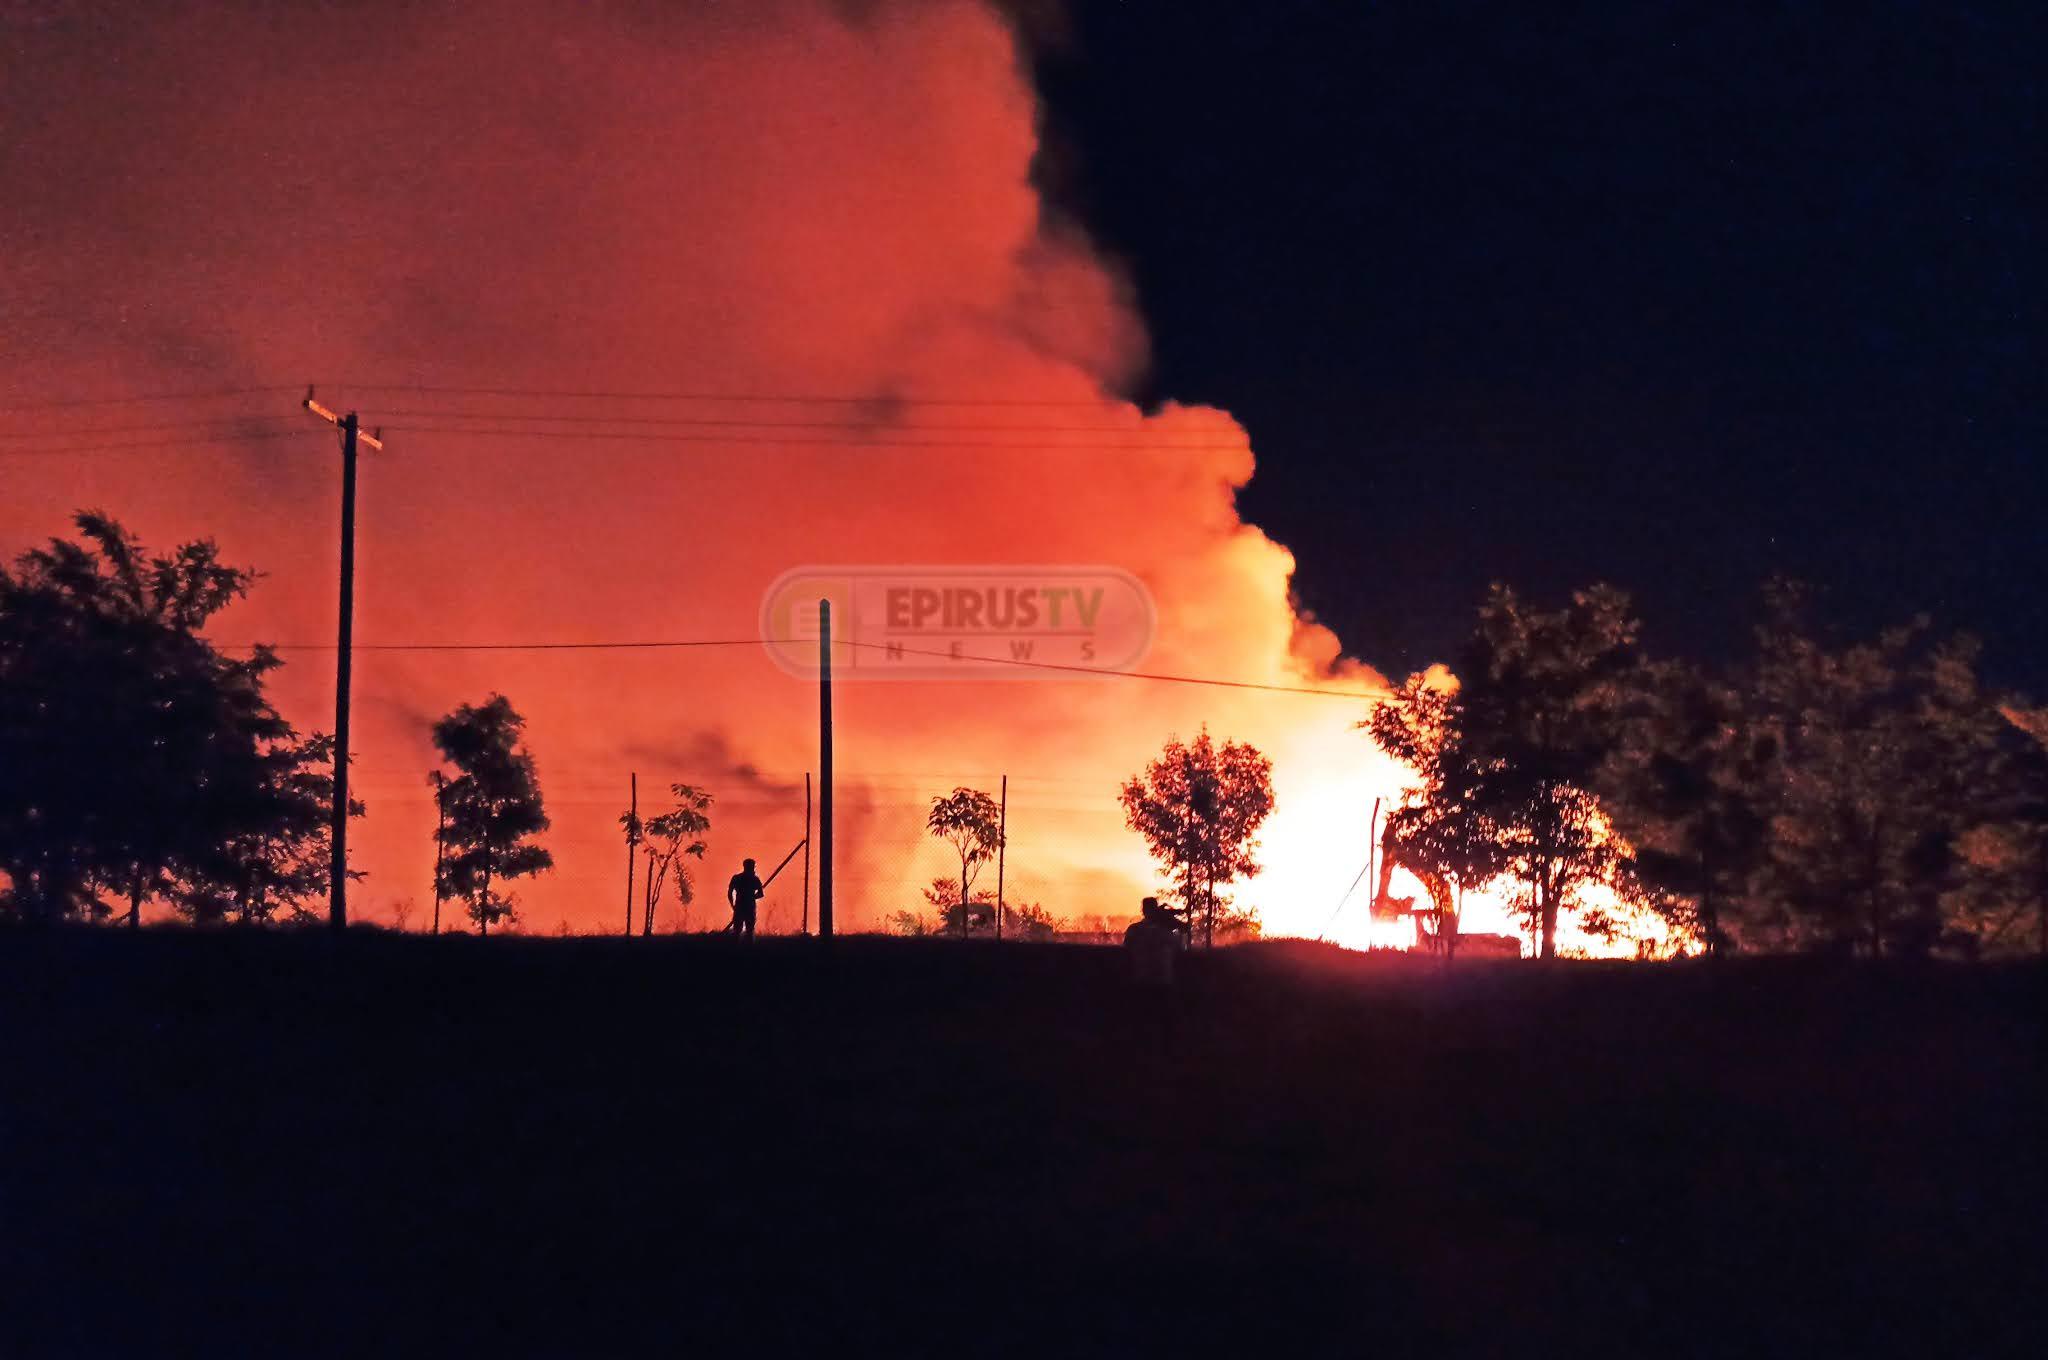 Ιωάννινα: Φωτιά στο ΧΥΤΑ Ελληνικού Ρίψη χώματος  στην επιχείρηση  κατάσβεσης  [βίντεο-φωτό]